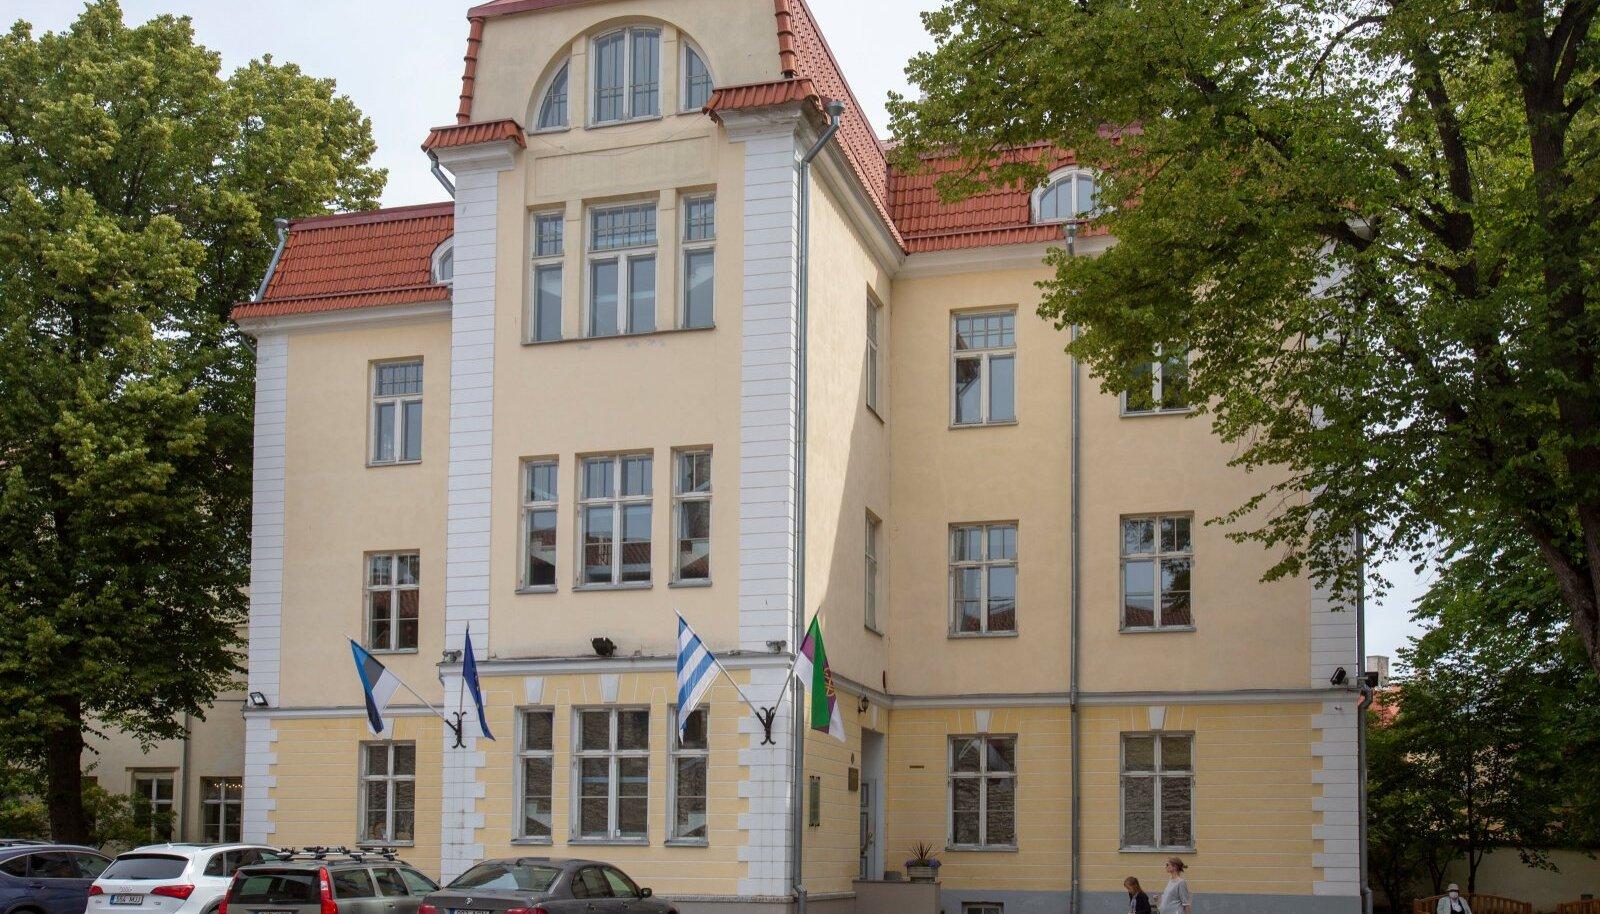 KÕIK EI MAHU MARJAMAALE: Tallinna vanalinnas asuv Gustav Adolfi Gümnaasium on Eesti vanim gümnaasium, kuhu on igal aastal suur tung.